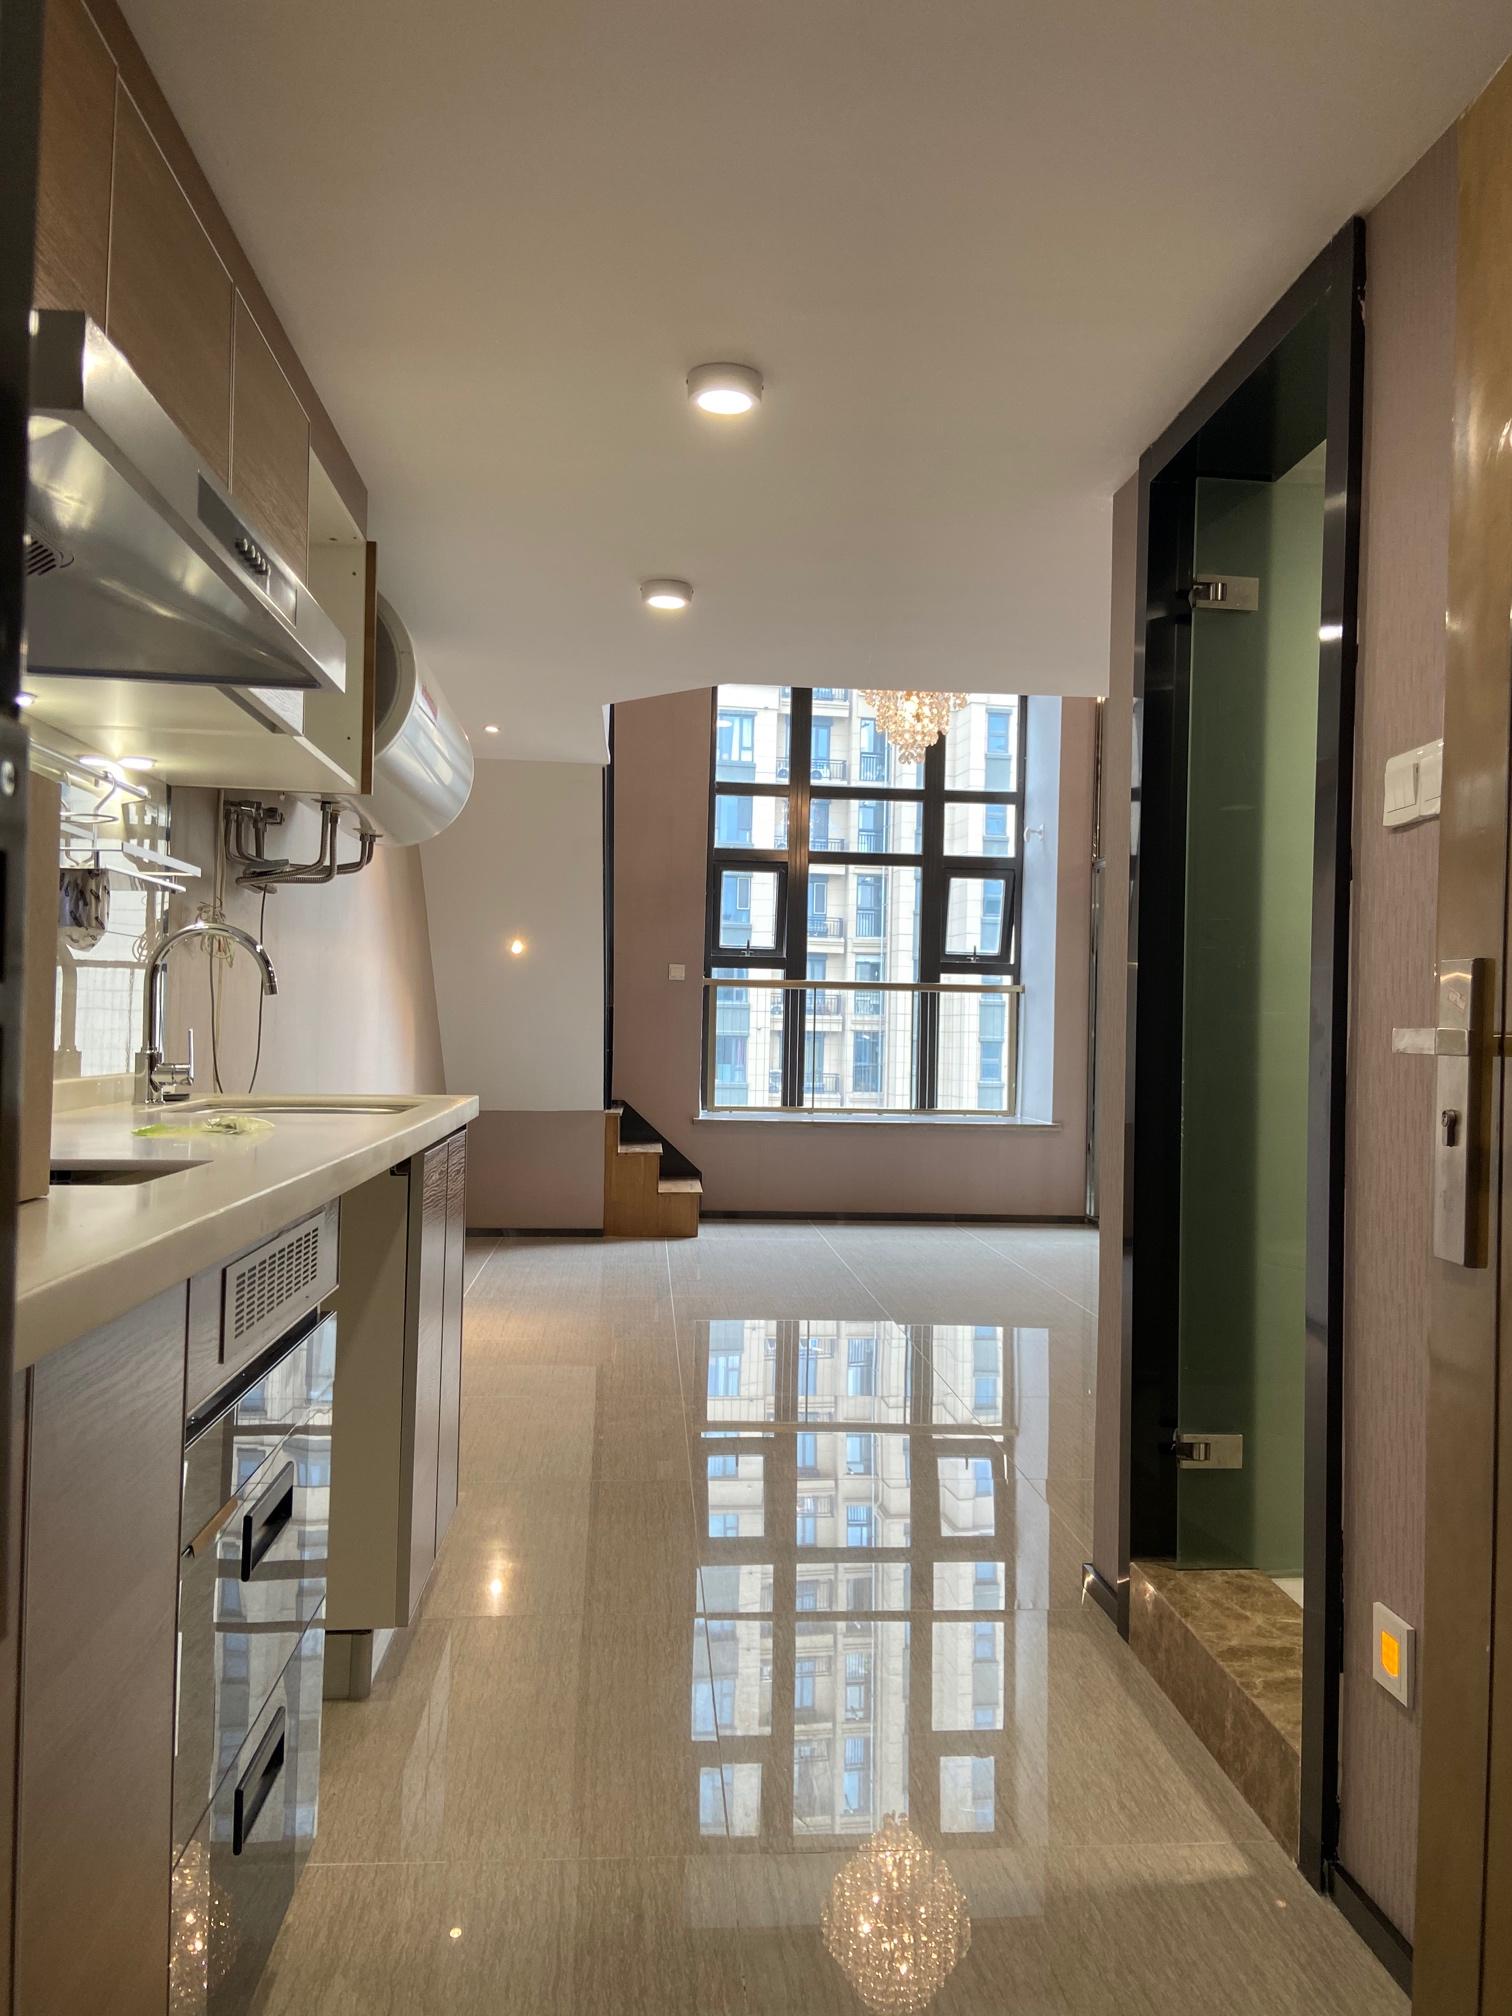 全新朝南4.8米挑高Loft公寓房